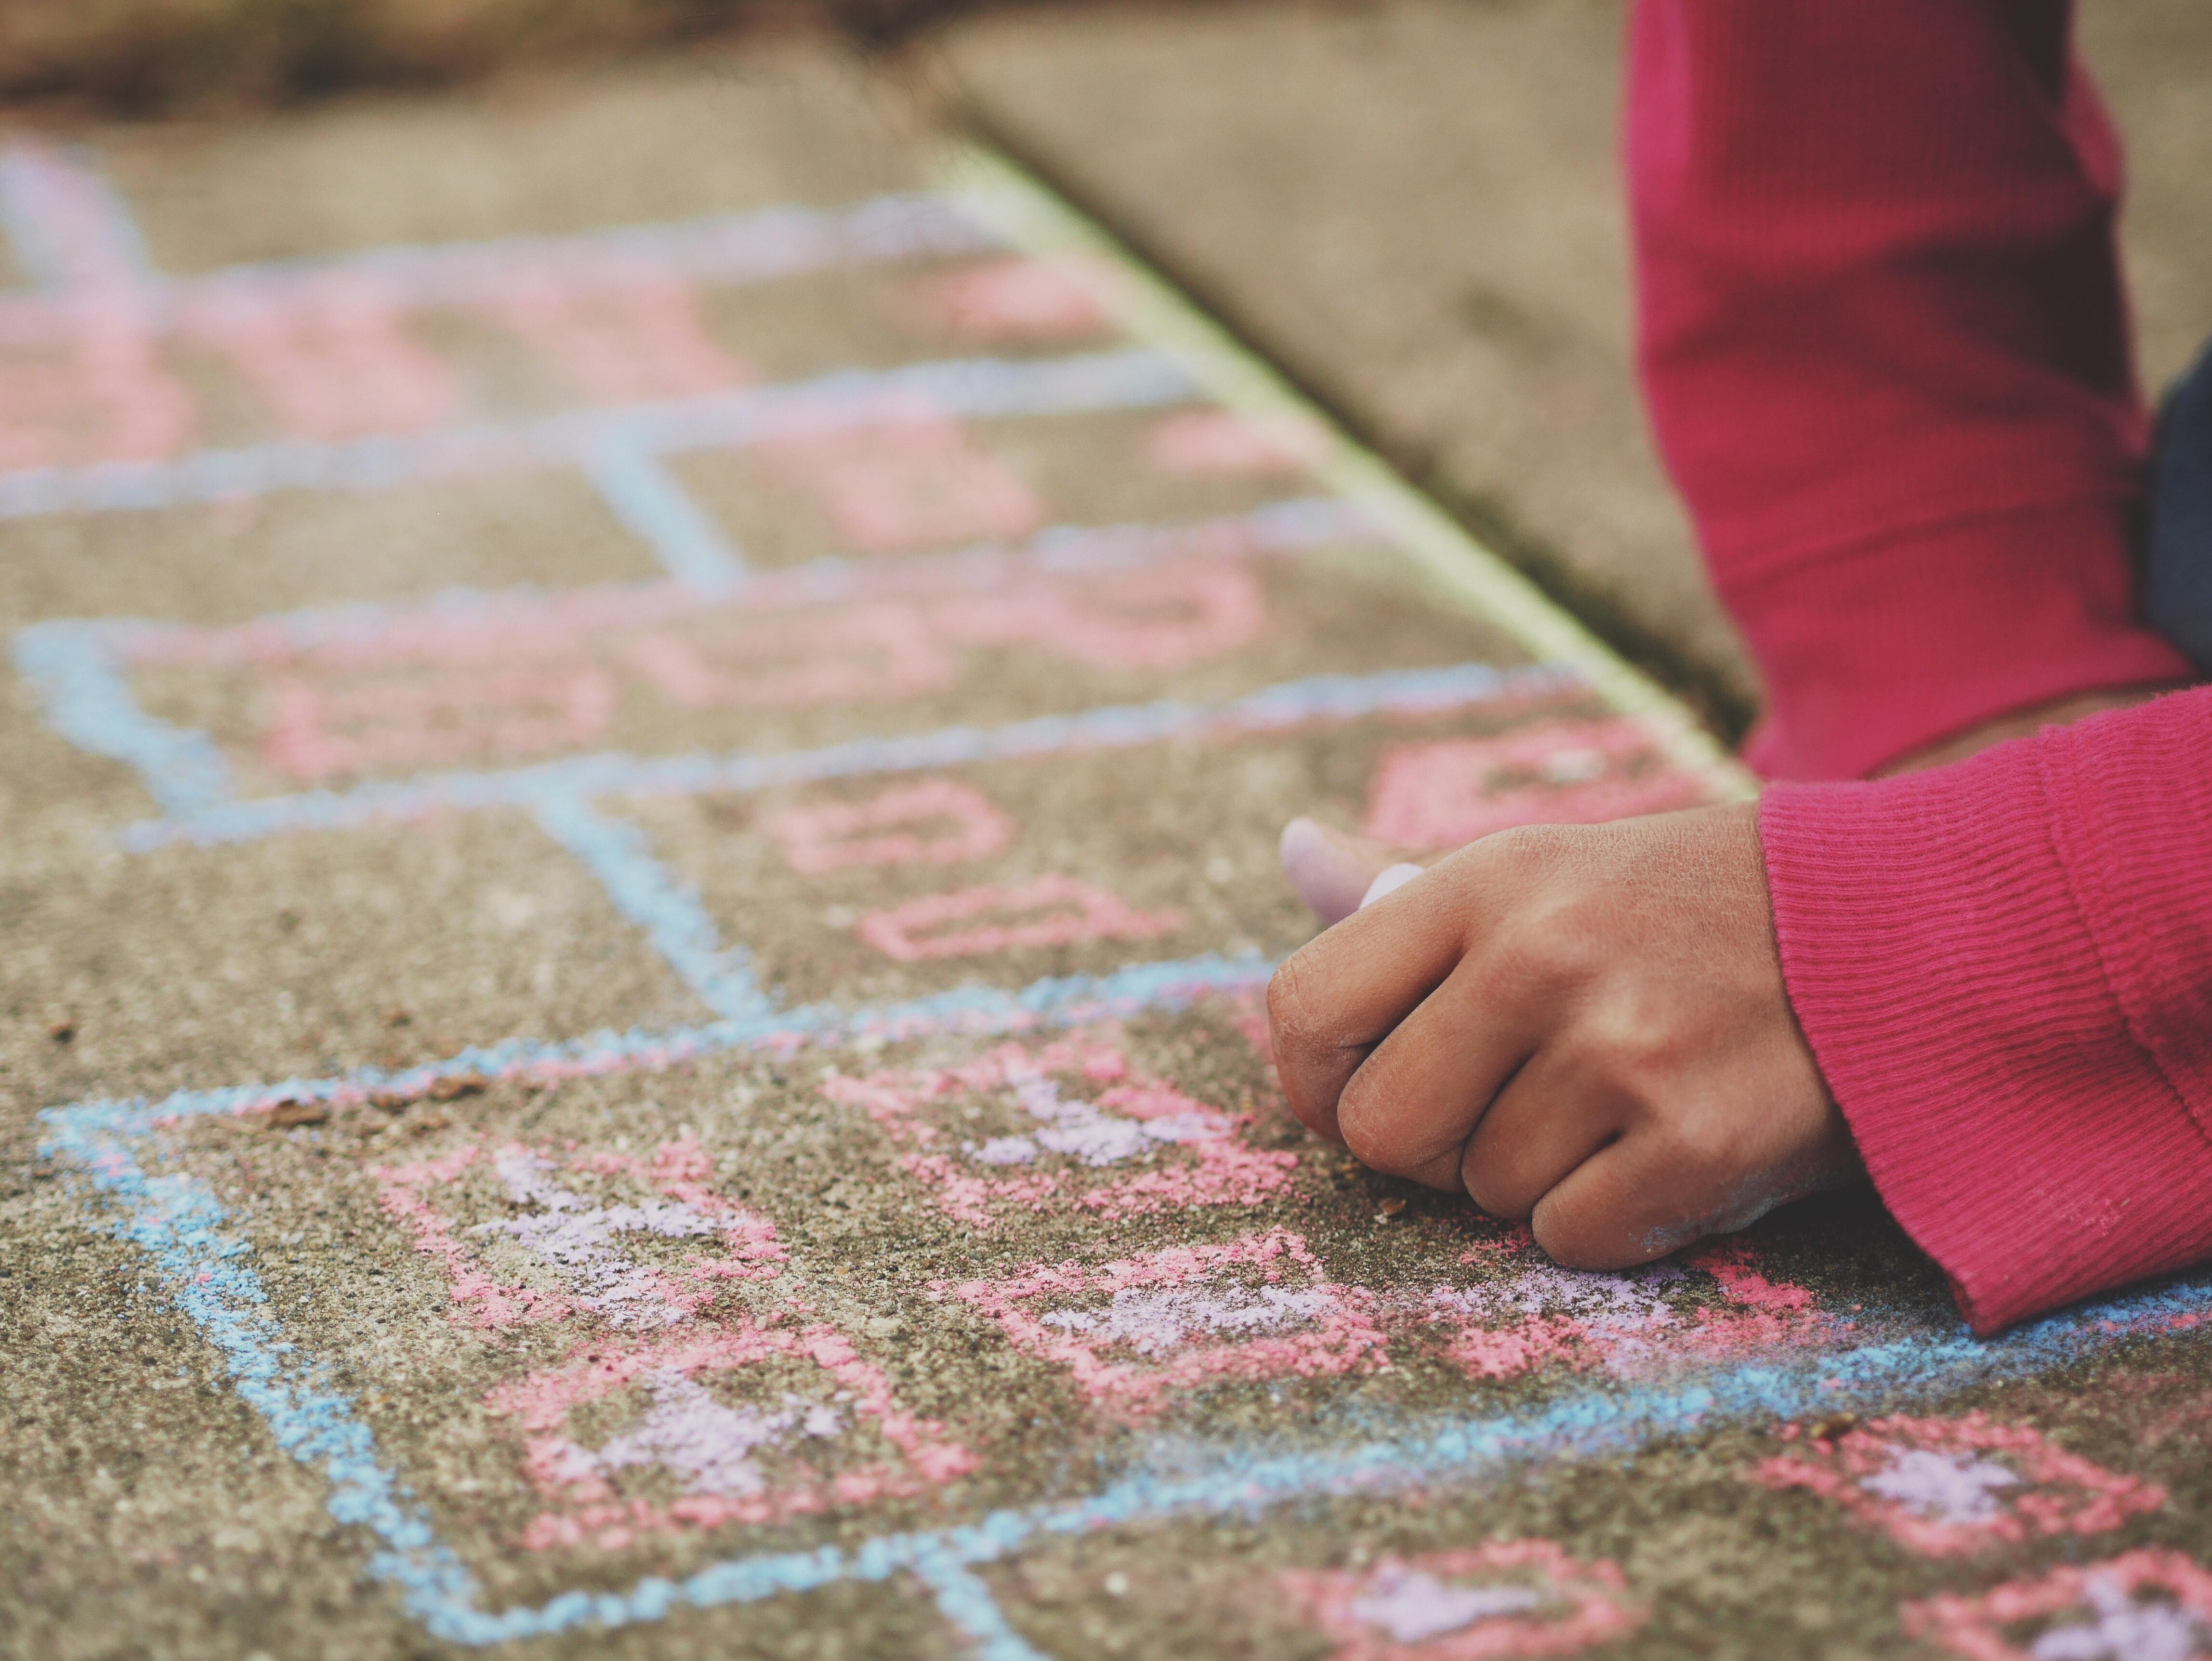 Imatge d'un infant jugant